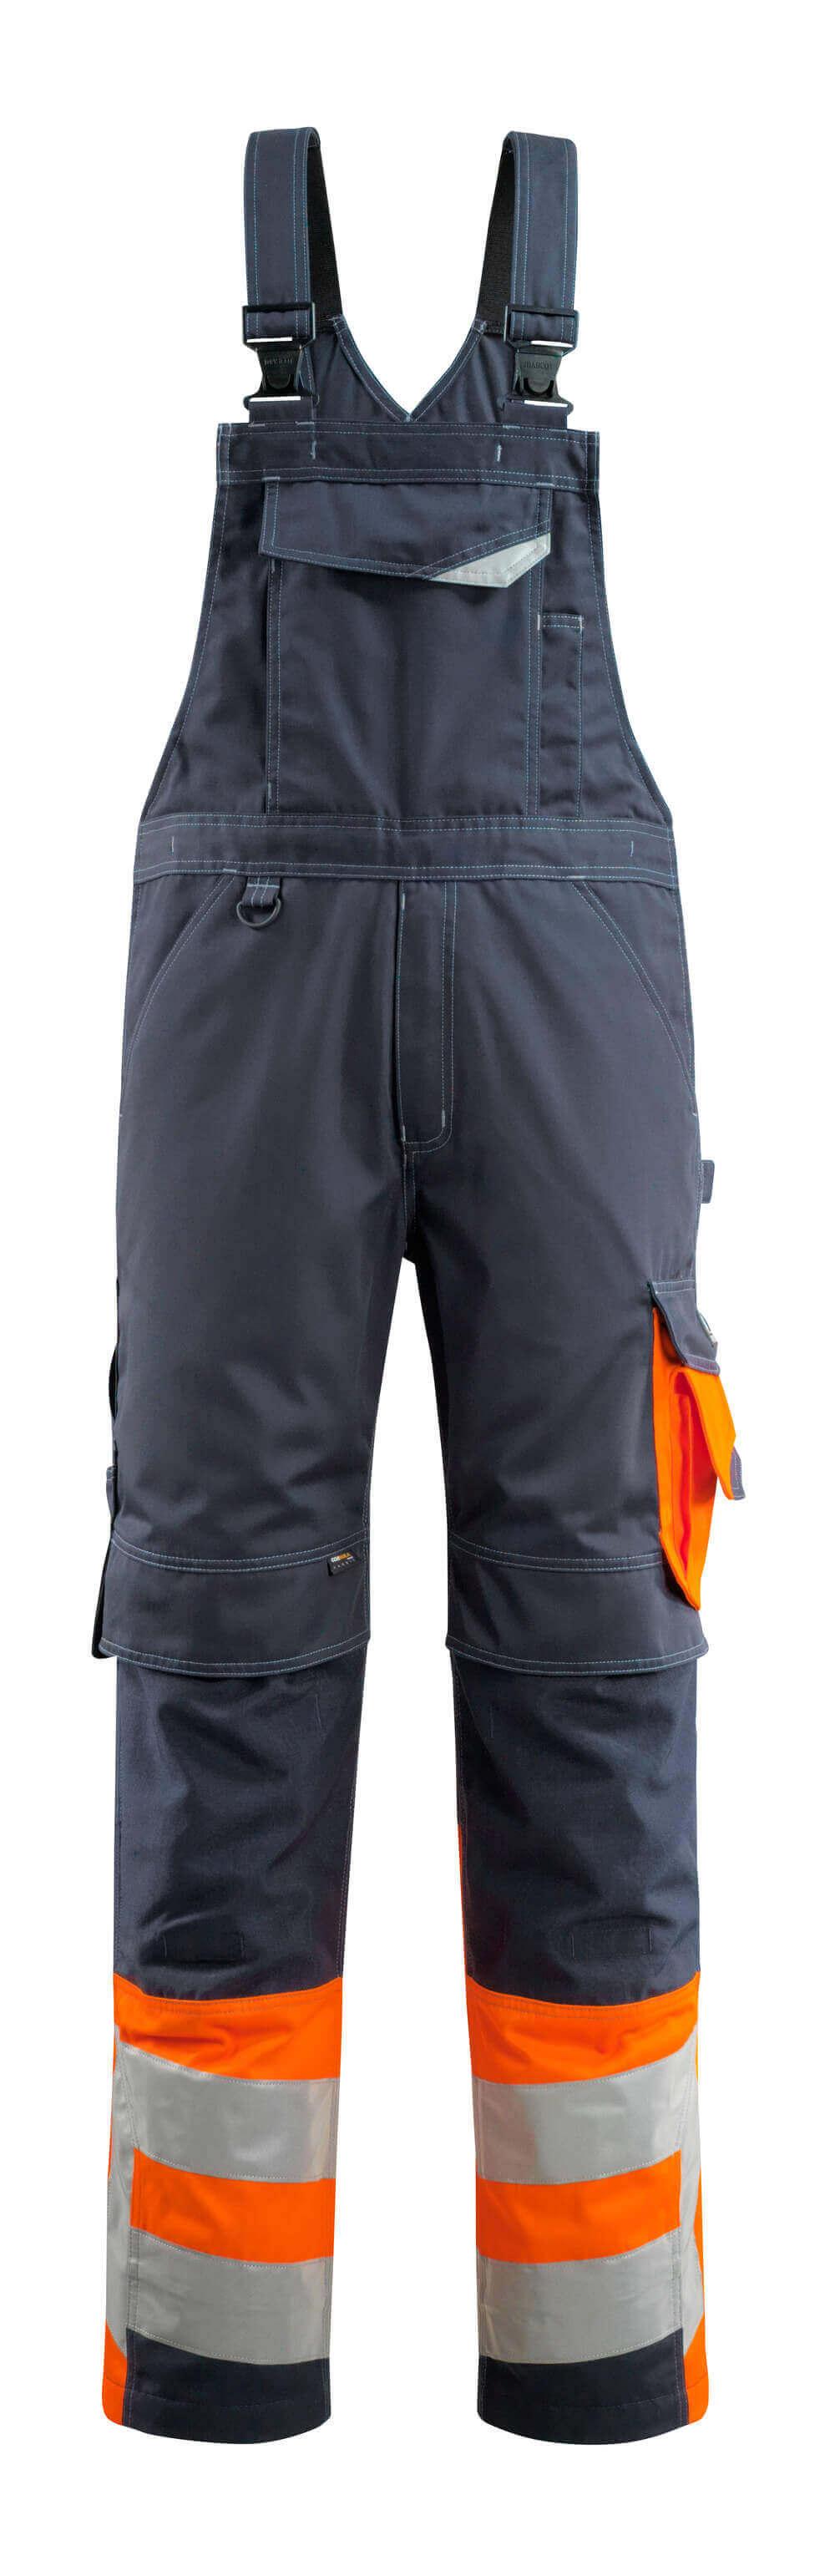 15669-860-01014 Overall med knælommer - mørk marine/hi-vis orange